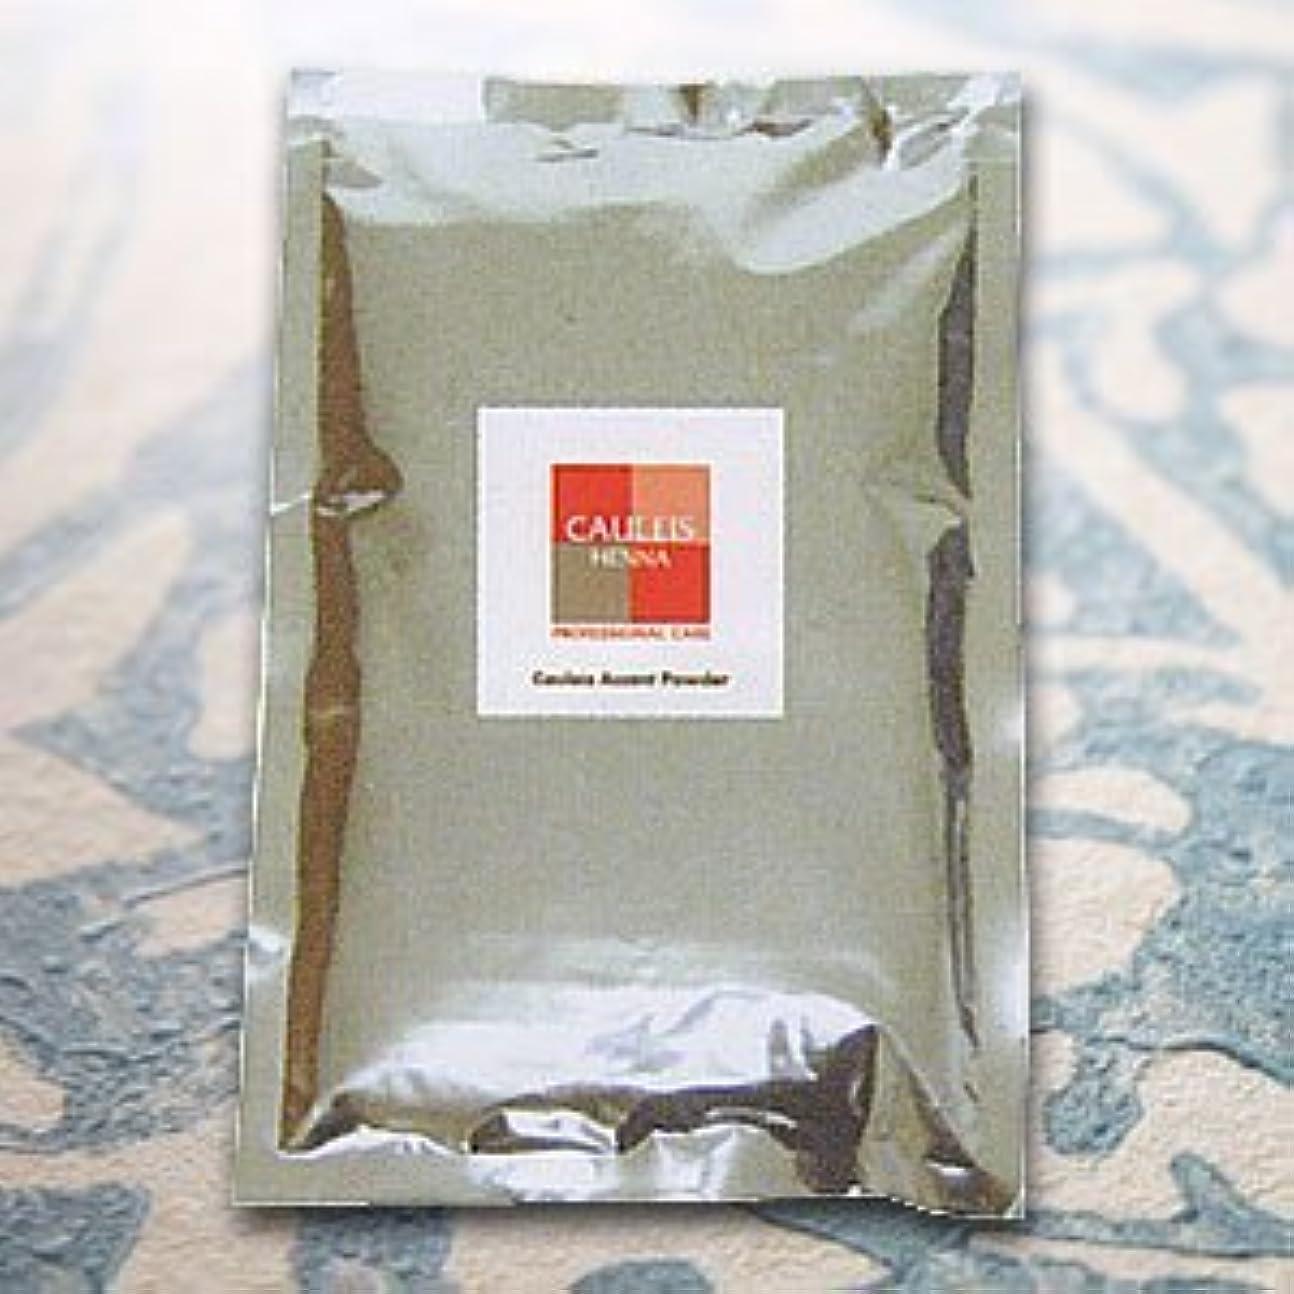 ダルセットレディ痛みコーリーズヘナ 補助剤 アクセントパウダー (HC染料) 60g×5